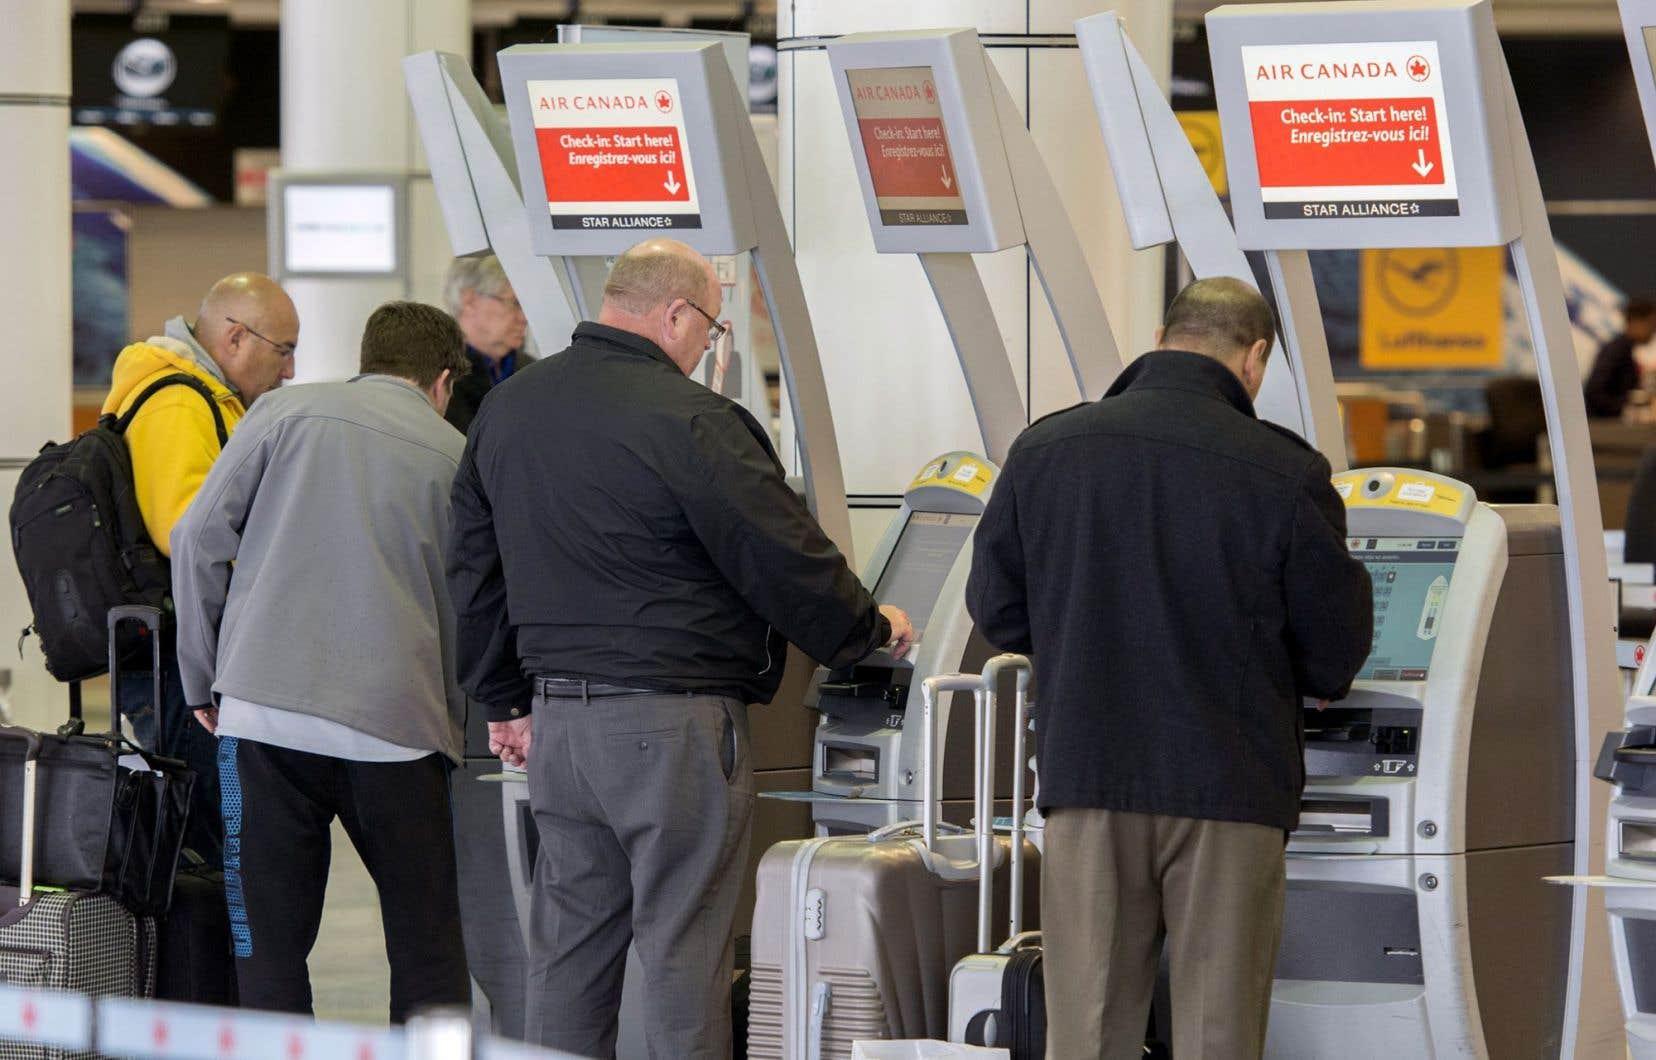 Malgré la diminution des tarifs, l'AITA a indiqué que les bénéfices des lignes aériennes avaient progressé de près de 60 % au quatrième trimestre, ce qui devrait leur permettre d'afficher de solides résultats pour l'ensemble de l'année 2015.